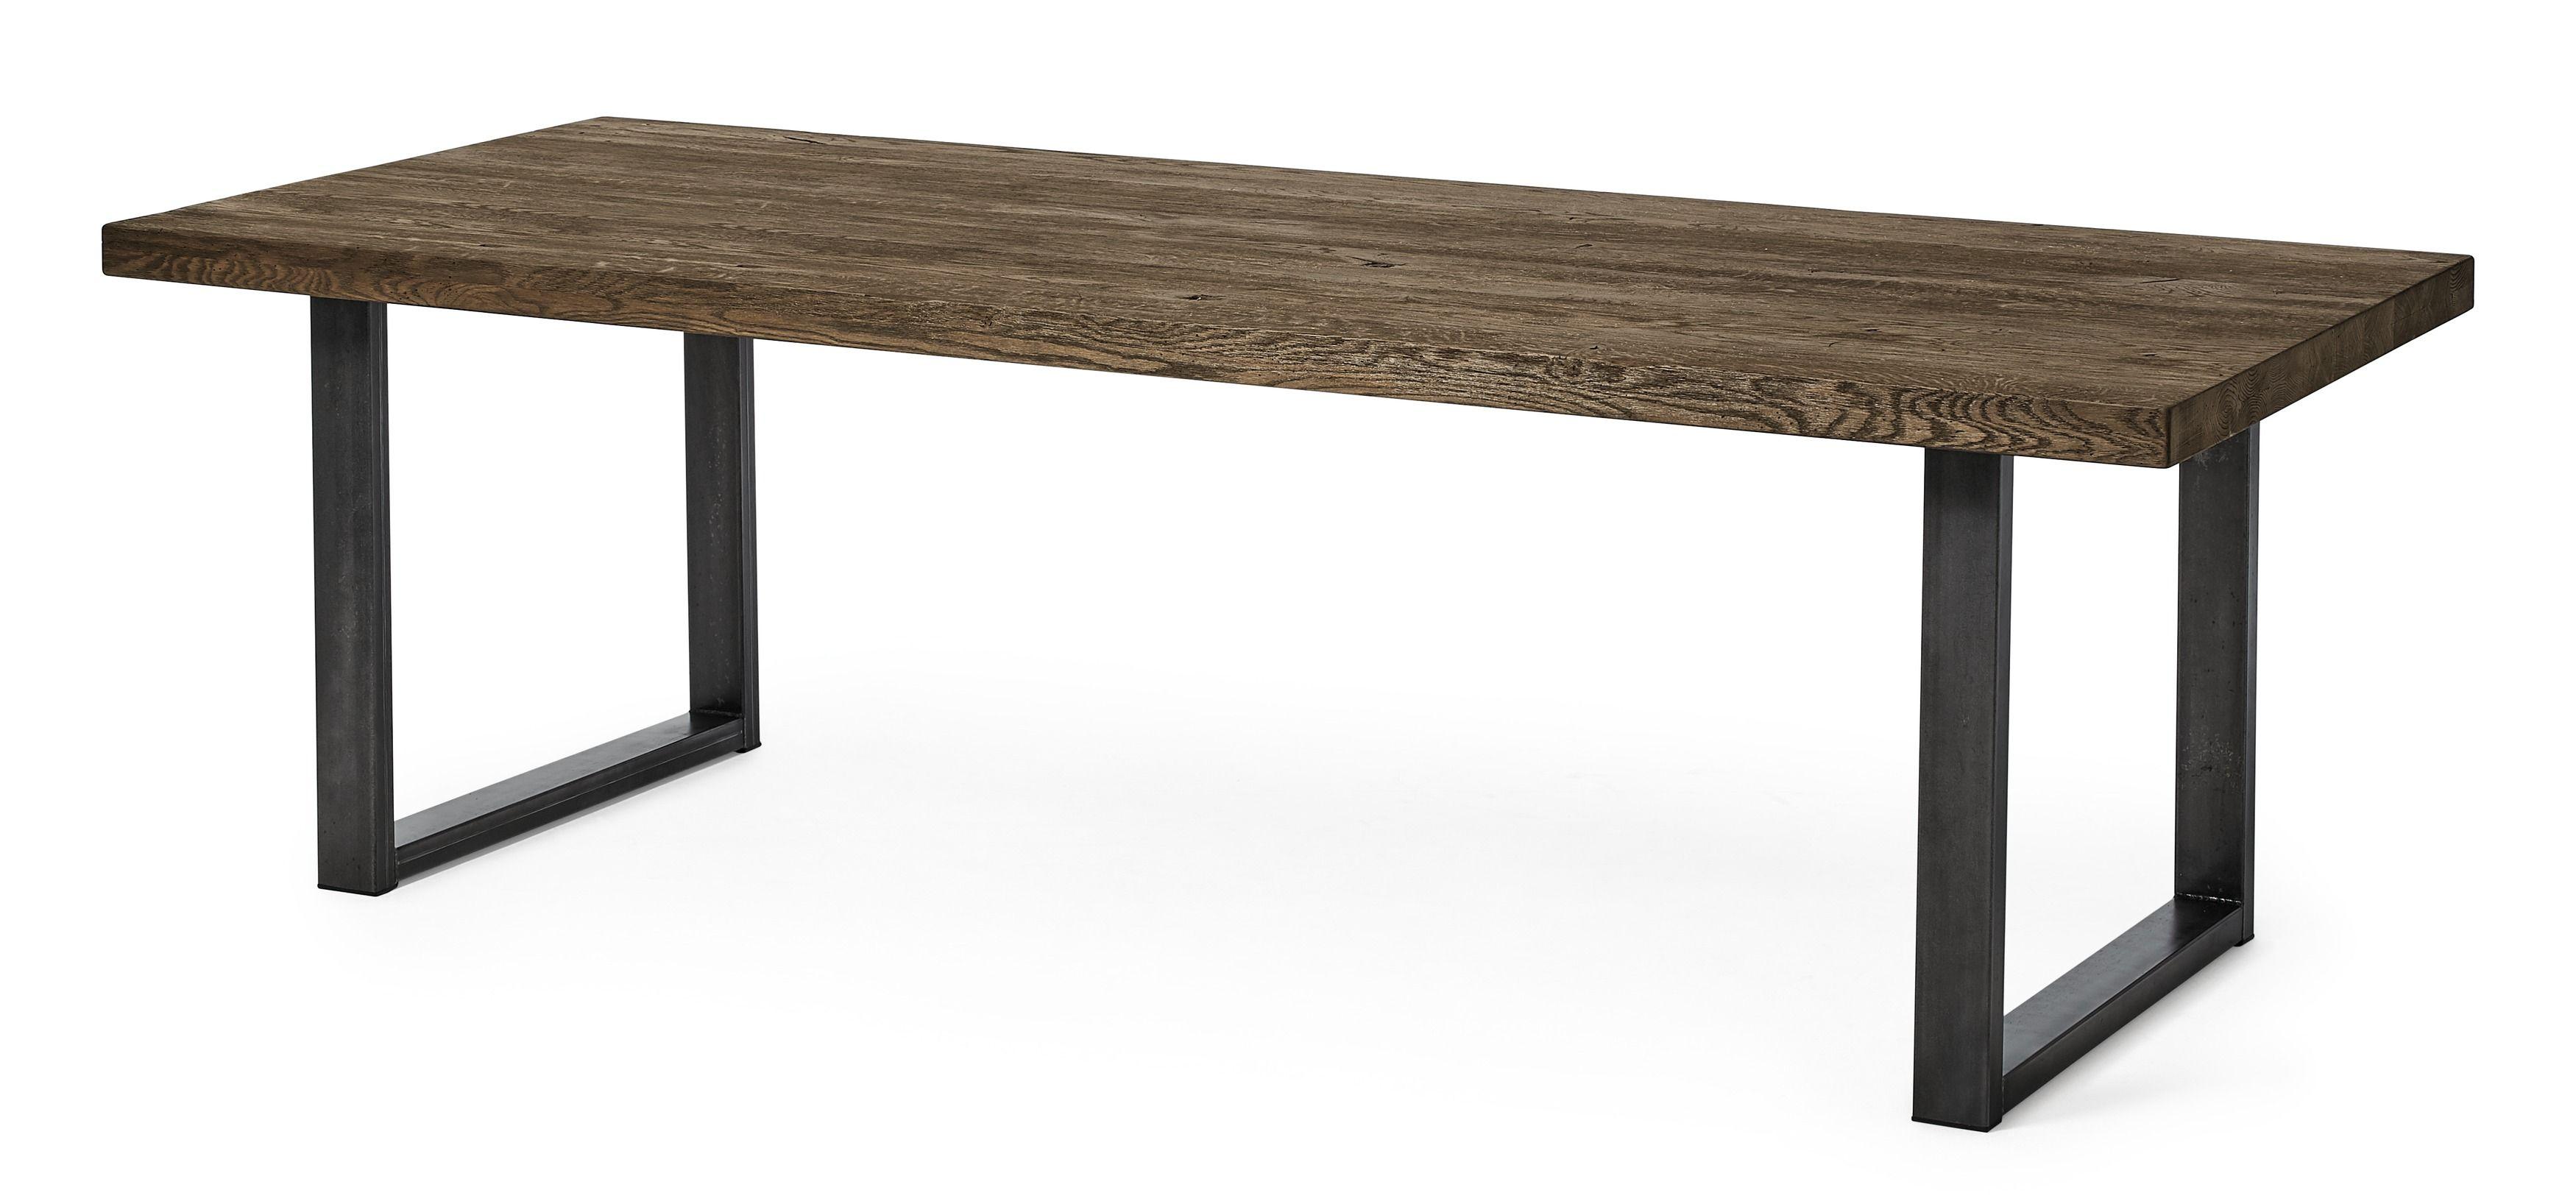 Raw matbord är en läcker möbel tillverkad i massiv ek Den gedigna